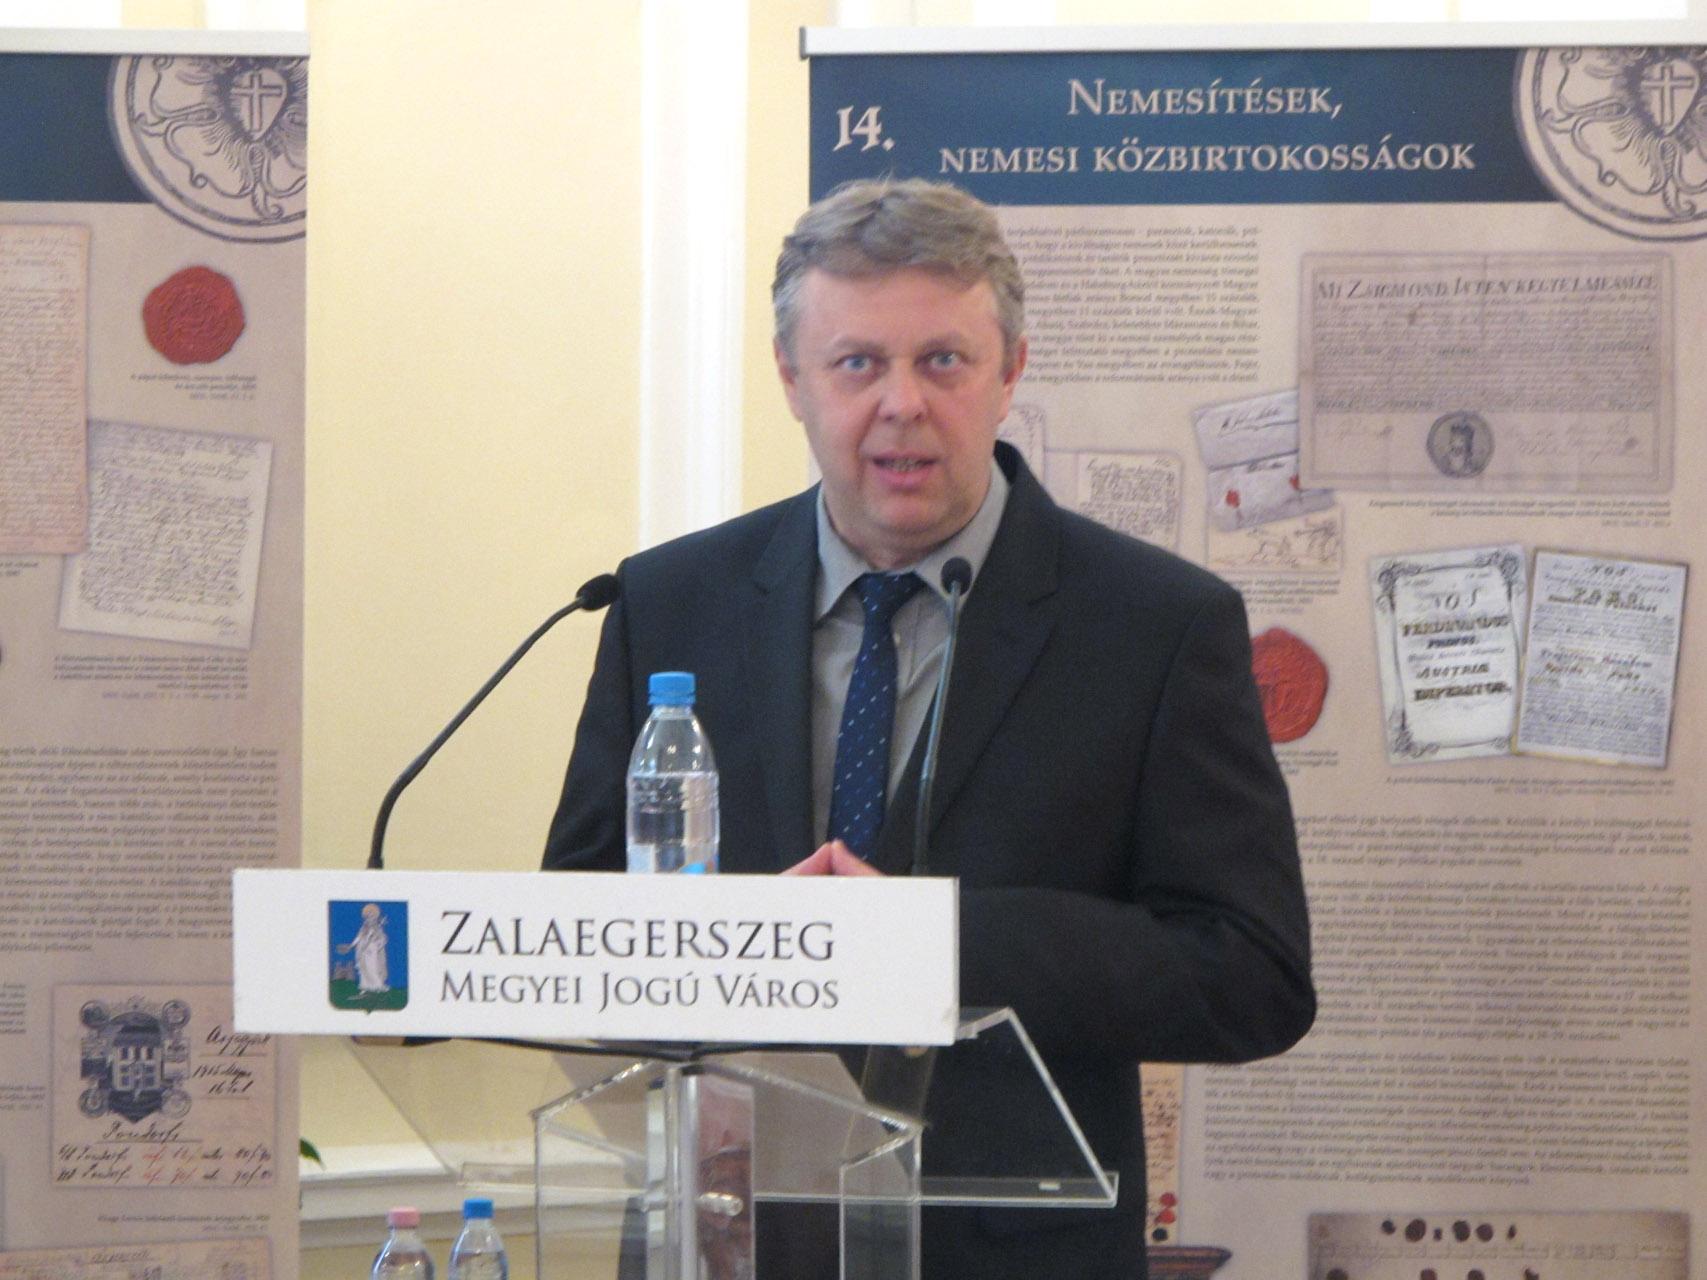 A protestantizmus zalai évszázadai tudományos emlékülés, Zalaegerszeg, 2017.10.11.